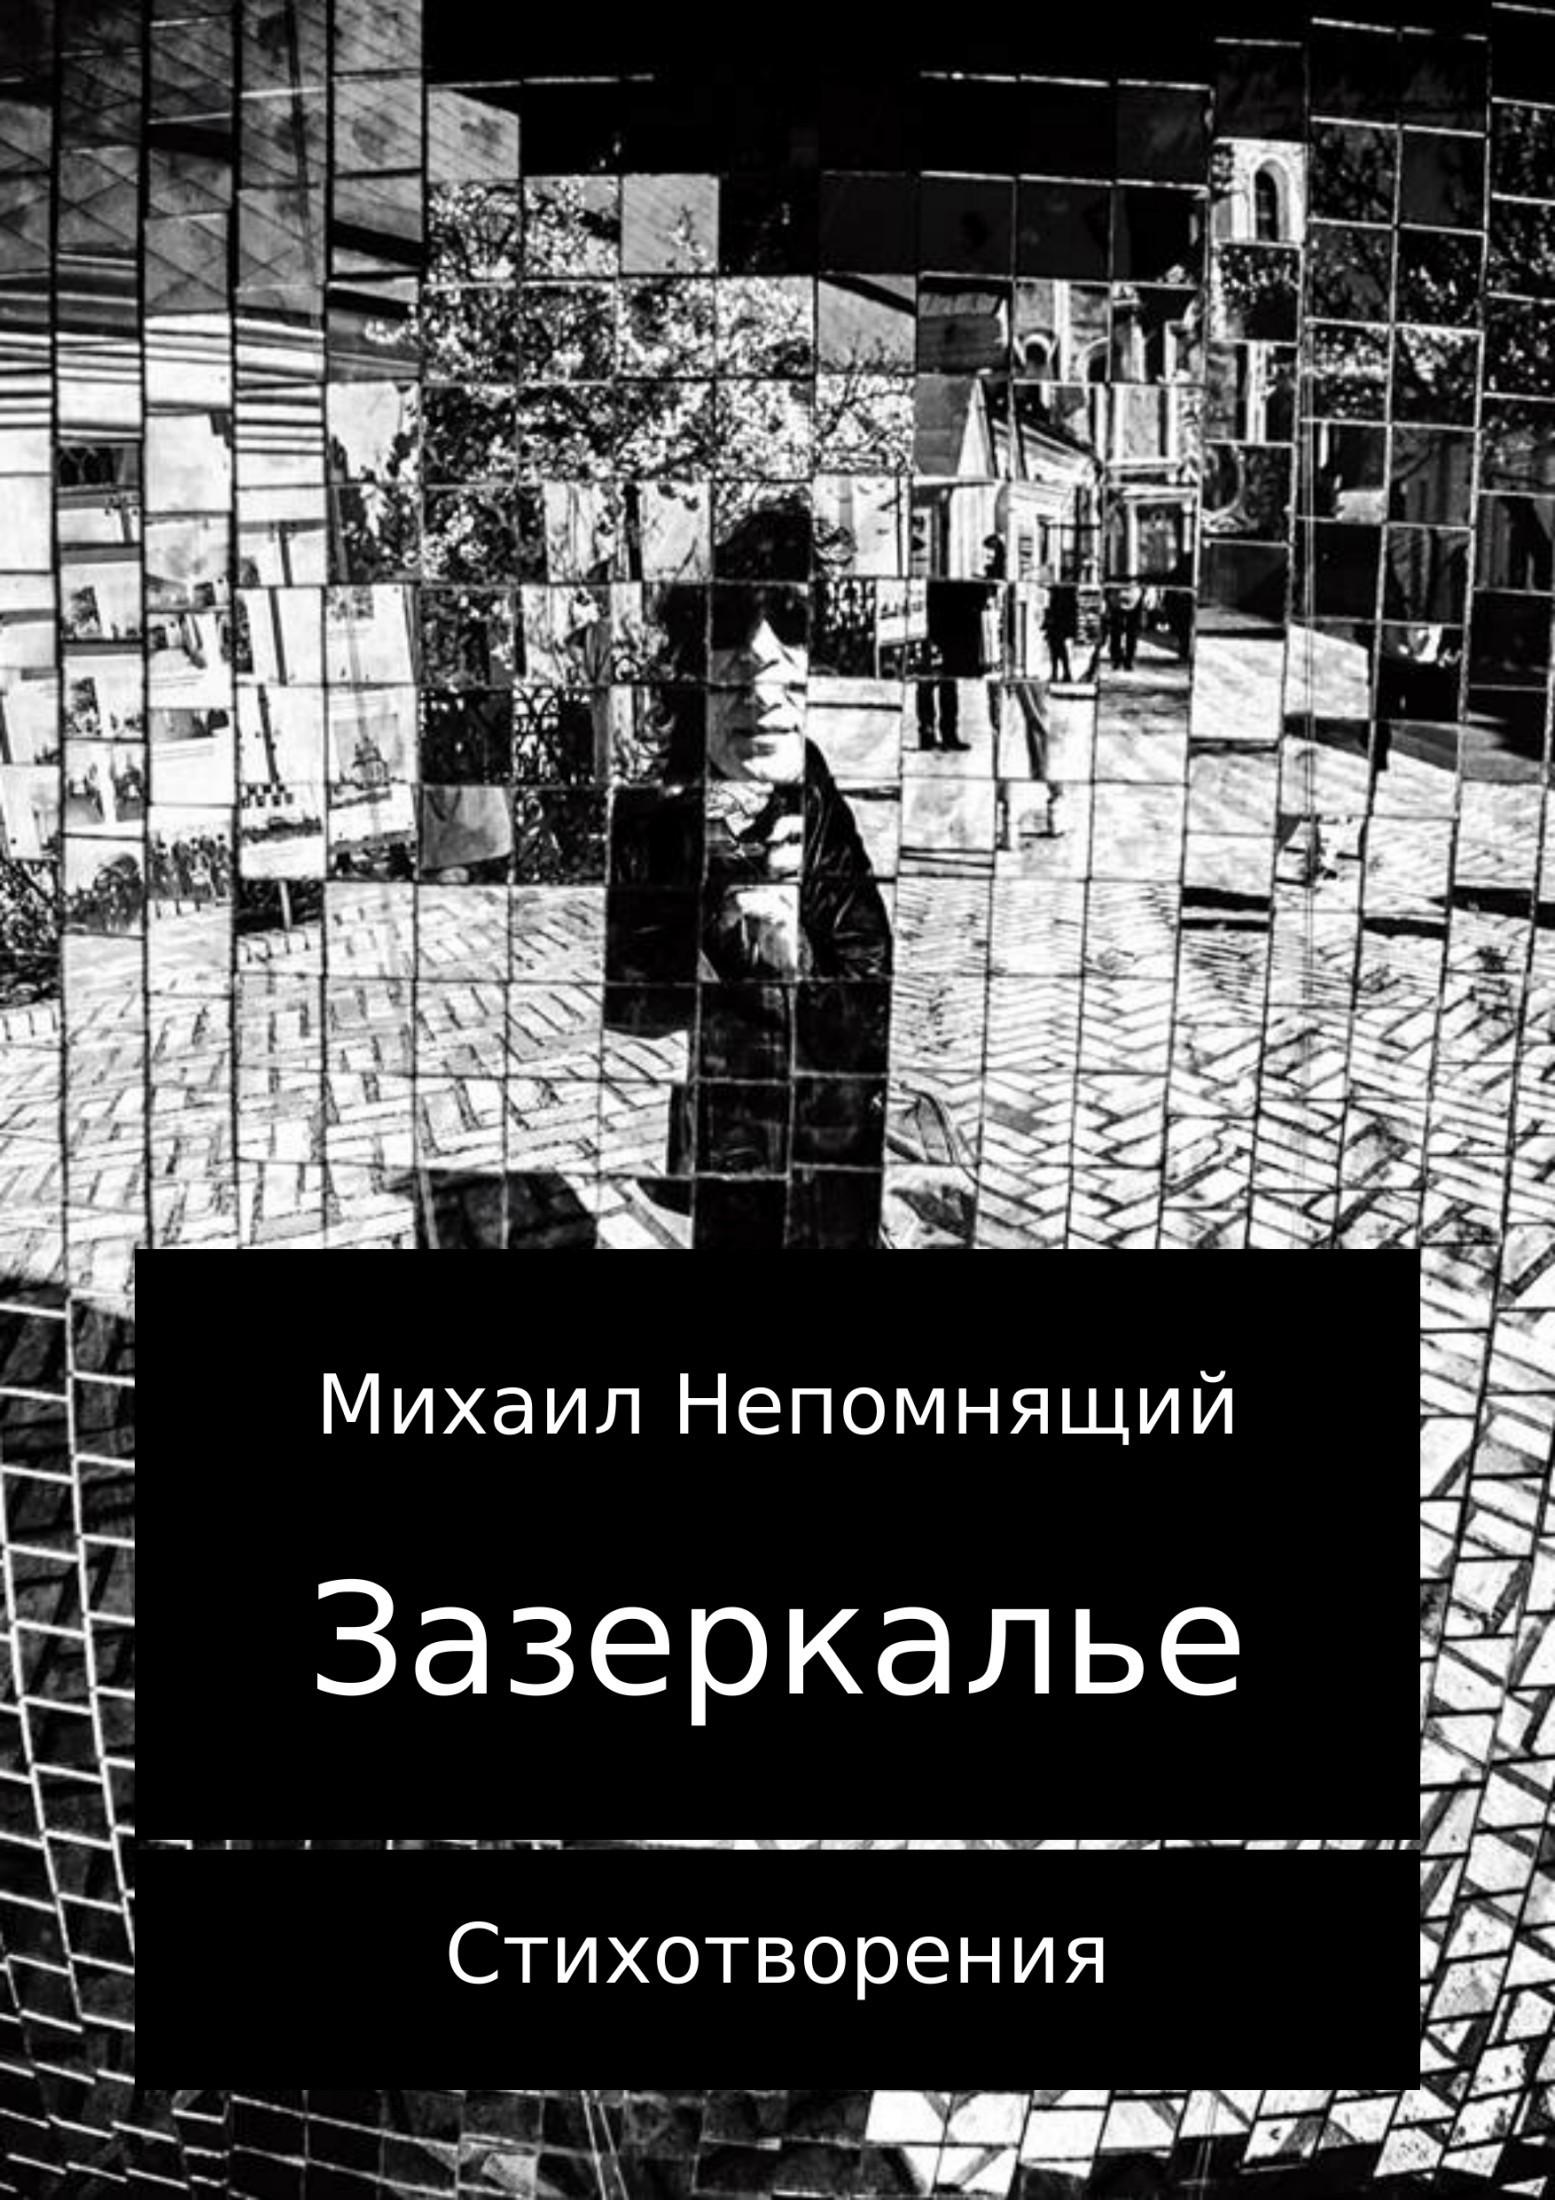 Михаил Непомнящий Зазеркалье 2017. Сборник стихотворений